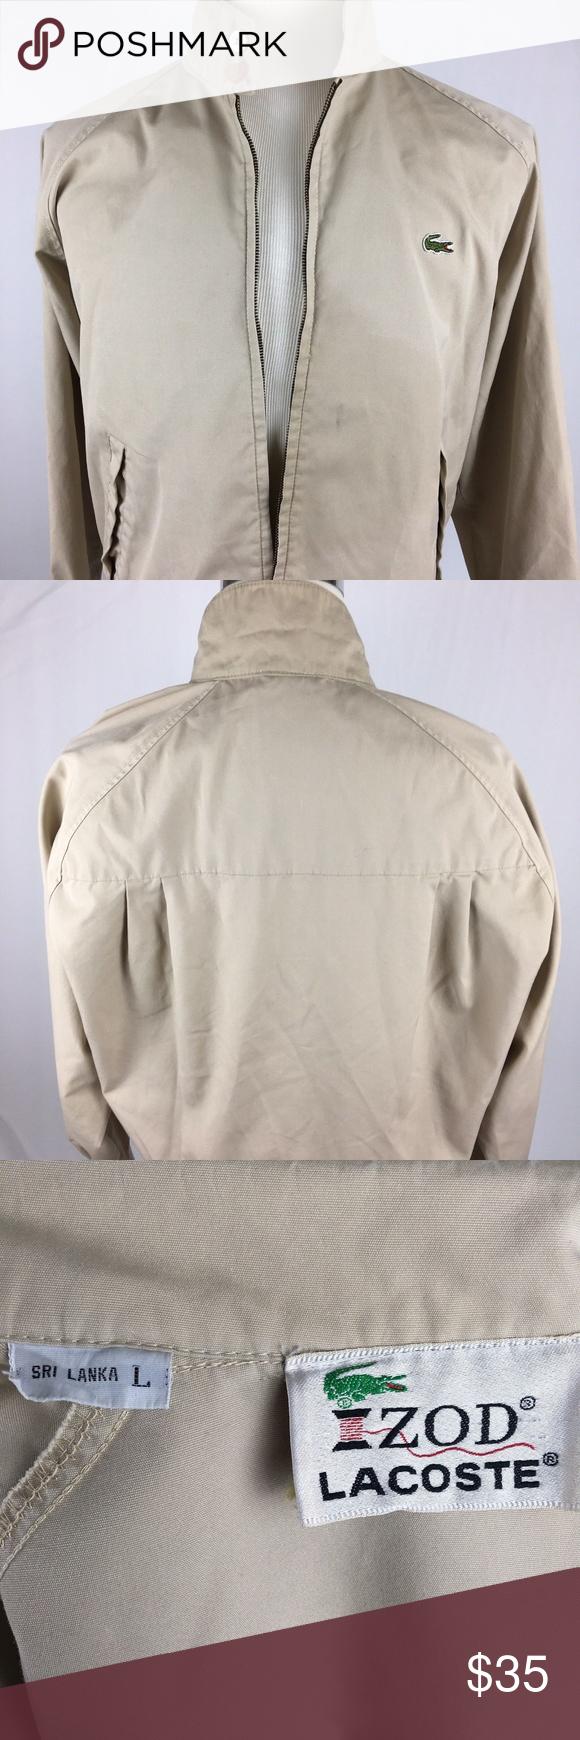 dae107941 Vintage Izod Lacoste Full Zip Jacket Large Beige Vintage Izod Lacoste Full  Zip Jacket Large Harrington